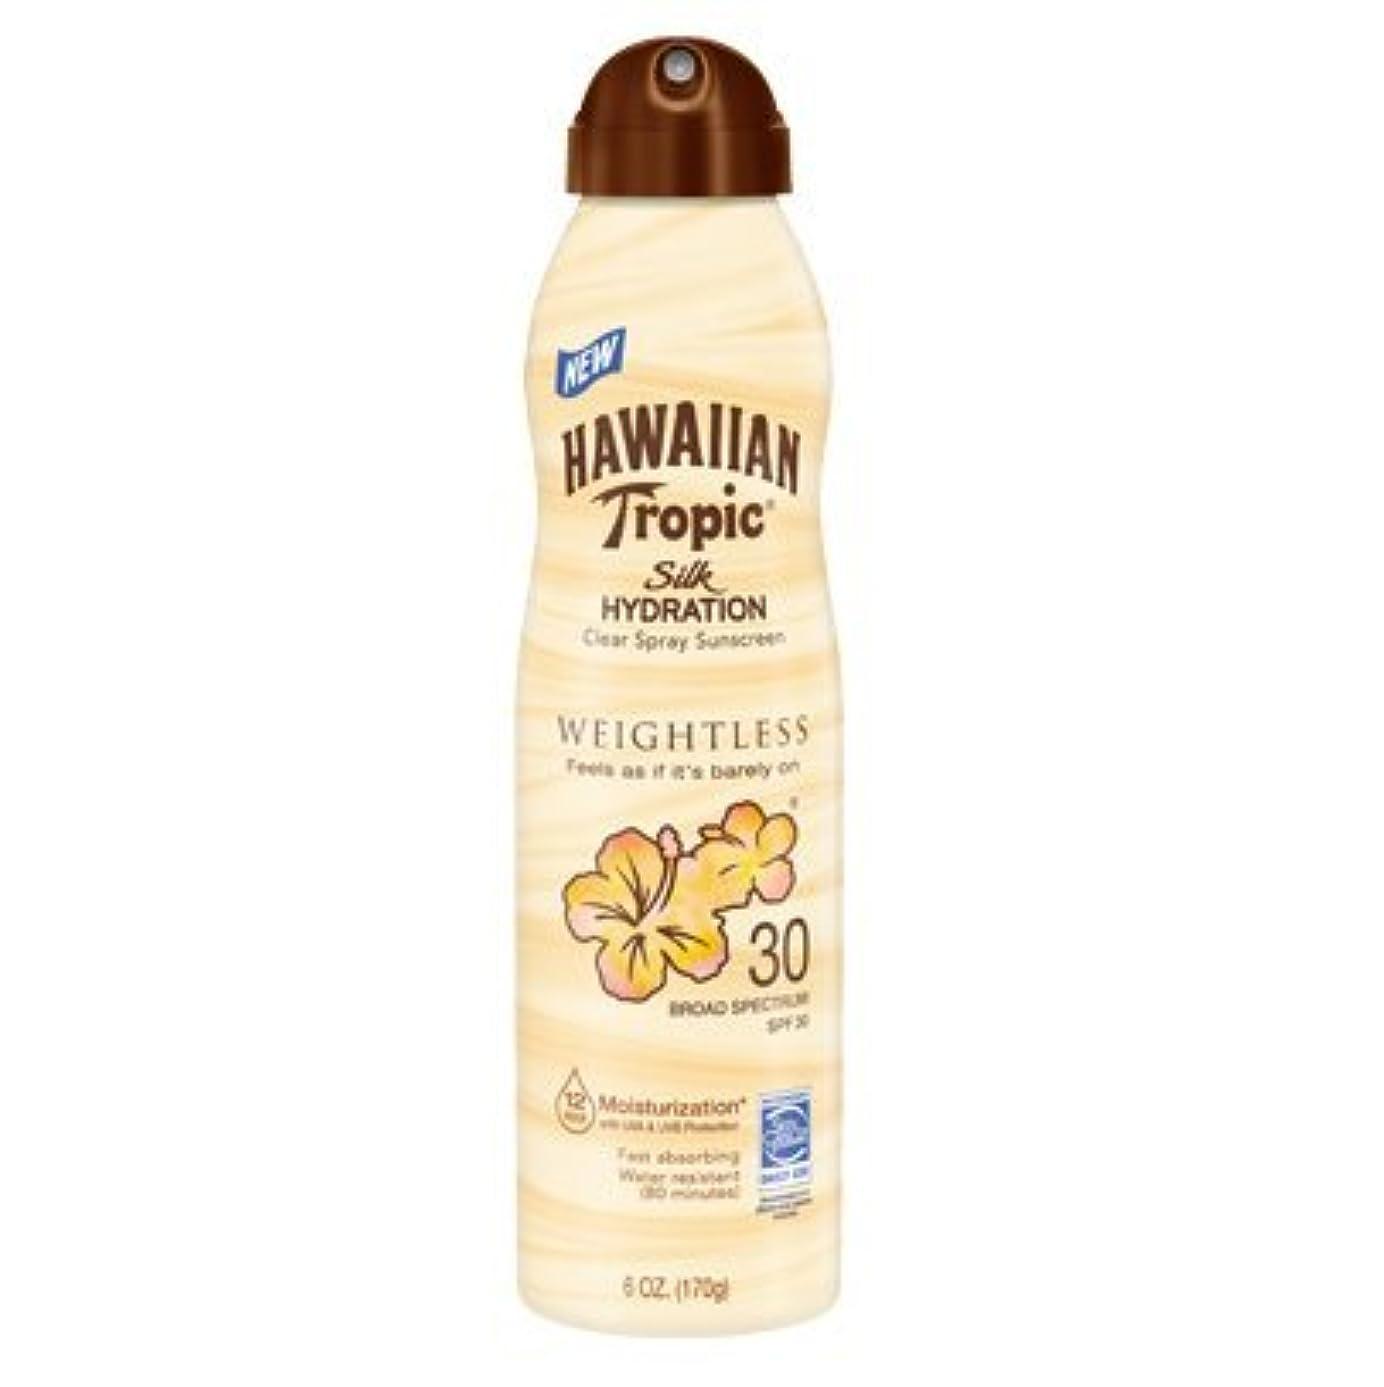 対処する根拠集まる【海外直送】ハワイアントロピック 12時間持続 日焼け止めミスト SPF30 (177ml) Hawaiian Tropic Silk Hydration Clear Mist Spray Sunscreen SPF 30...